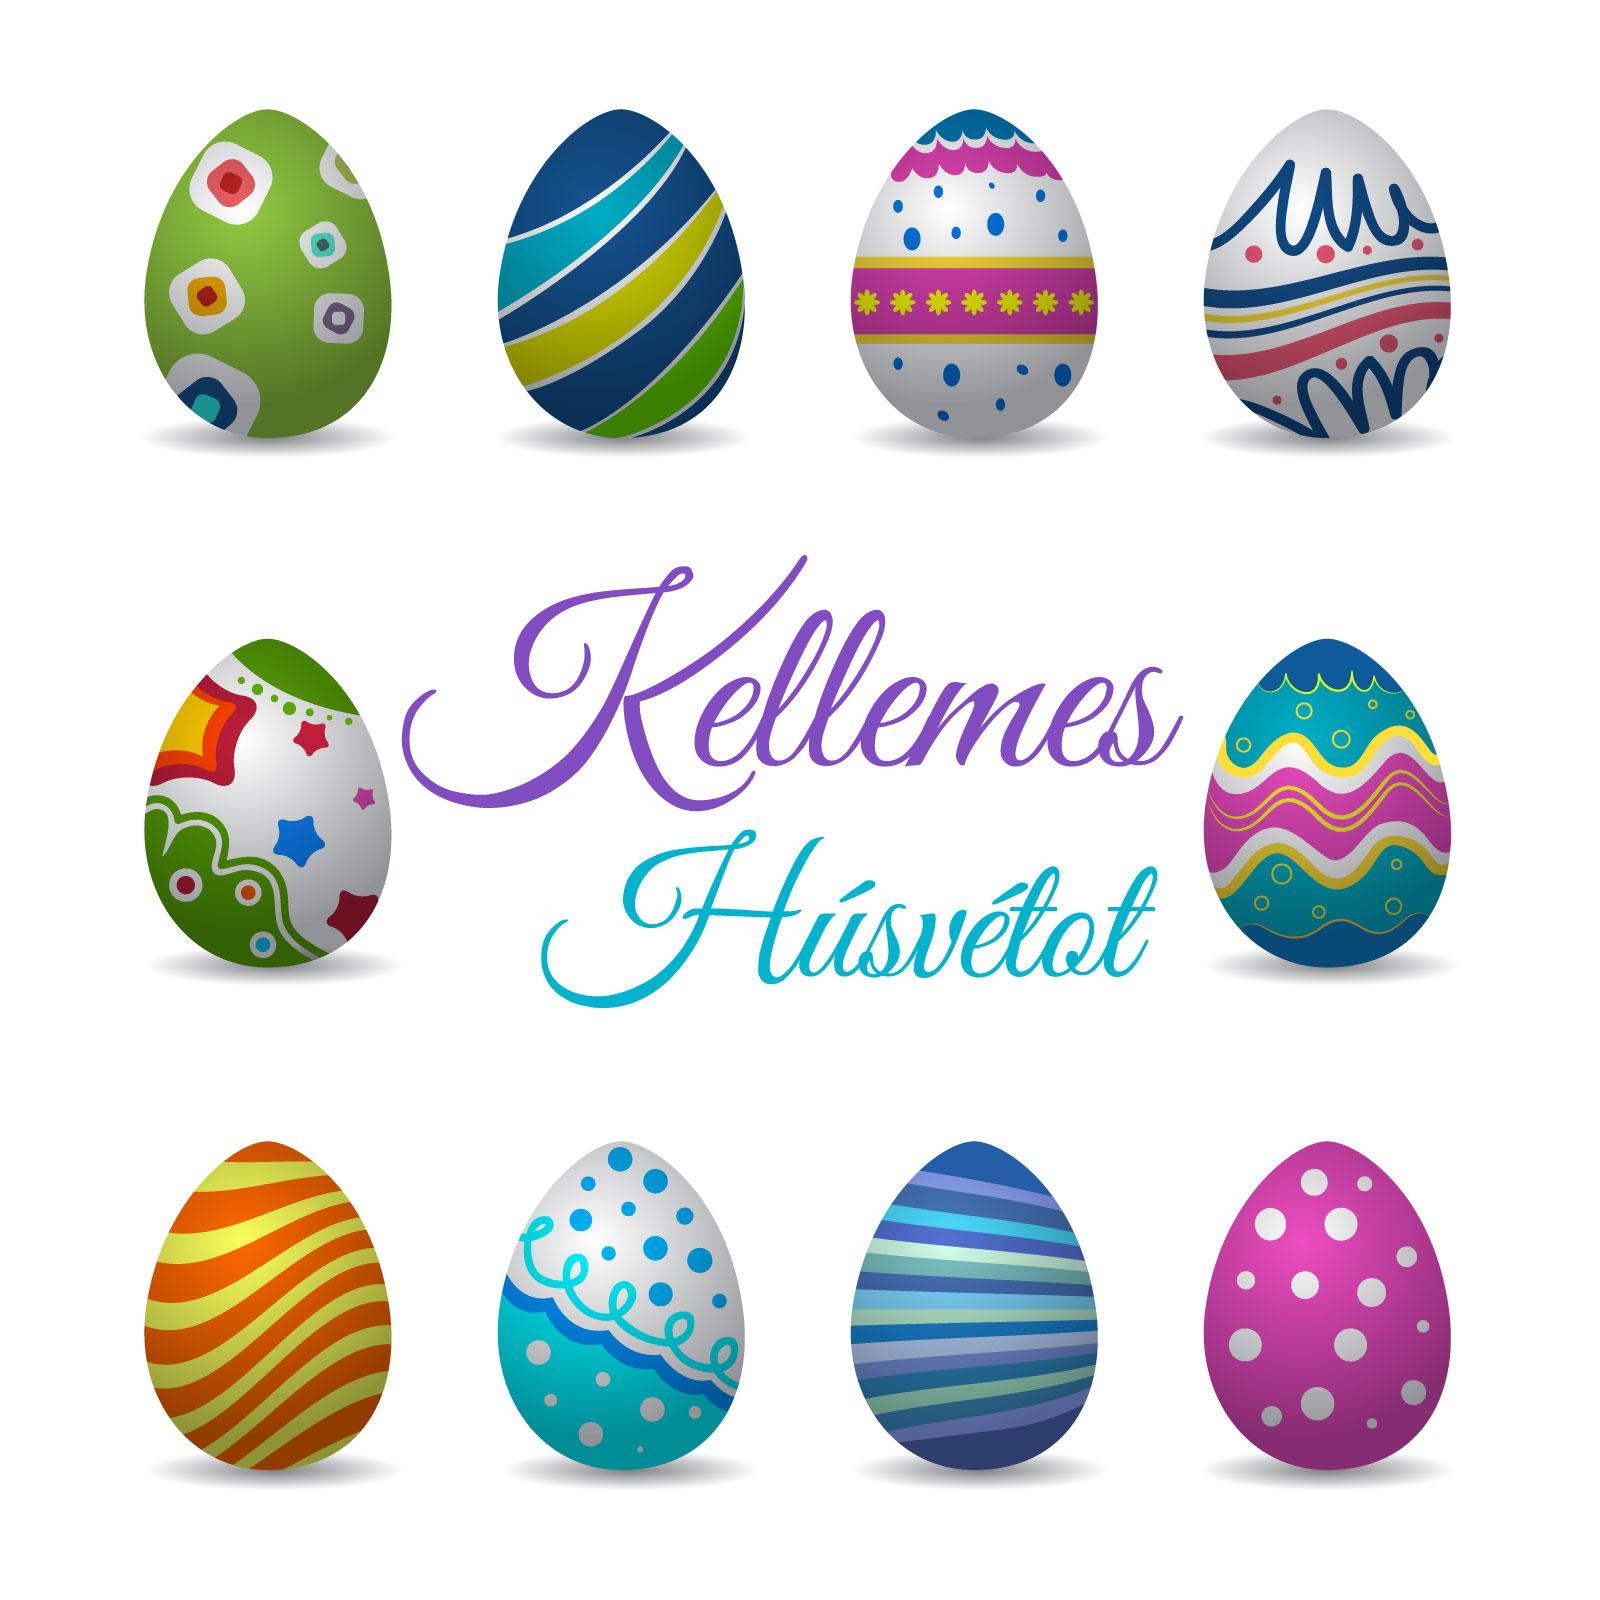 húsvéti képeslap üdvözlő szöveeggel